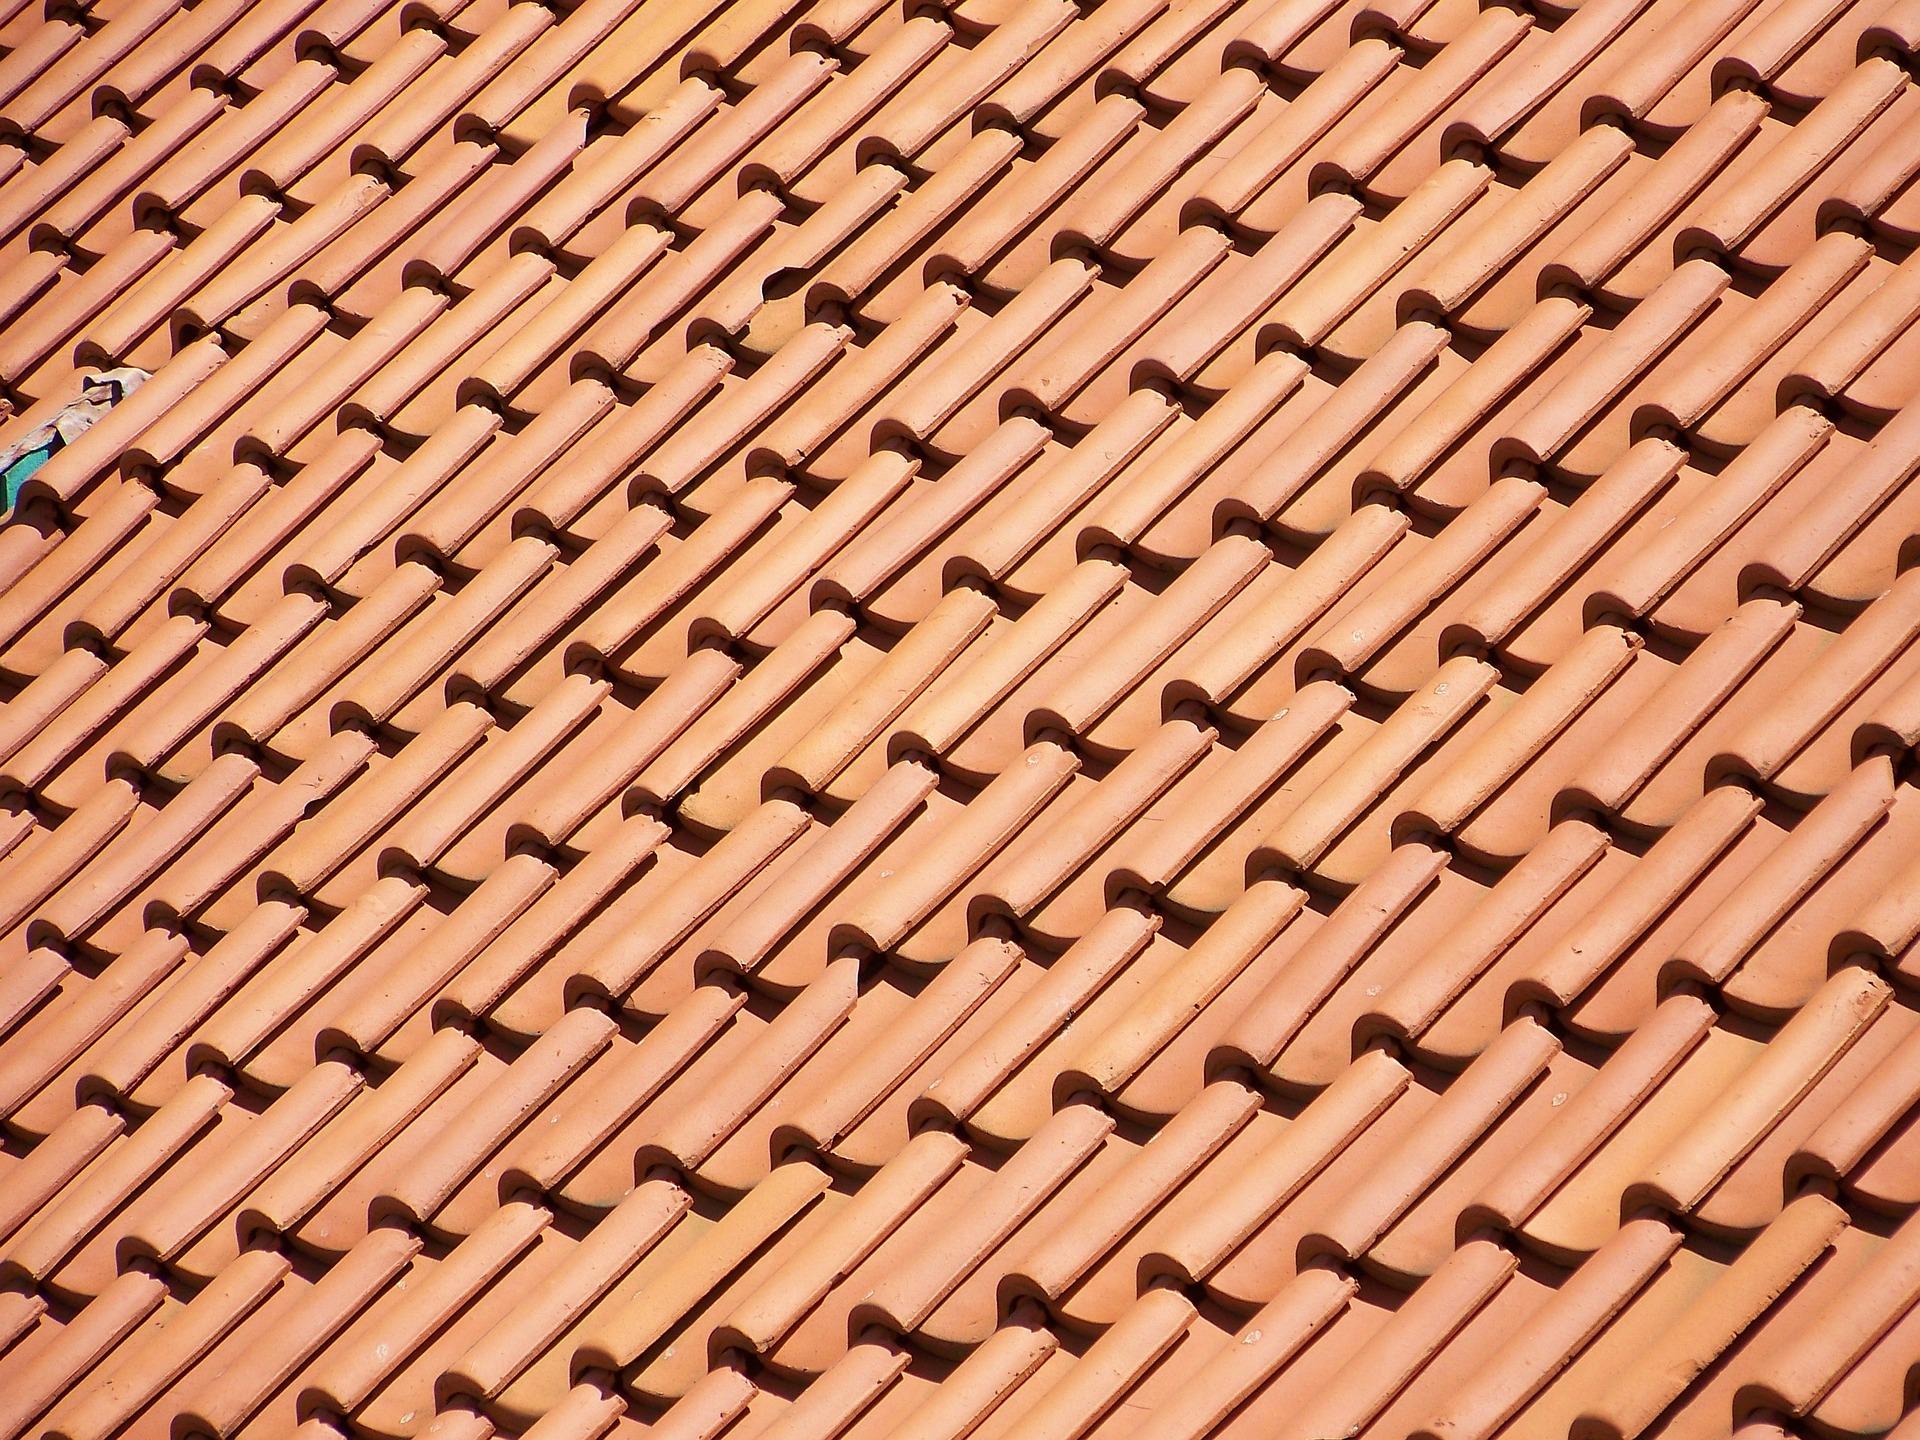 tile-roof-244052_1920.jpg